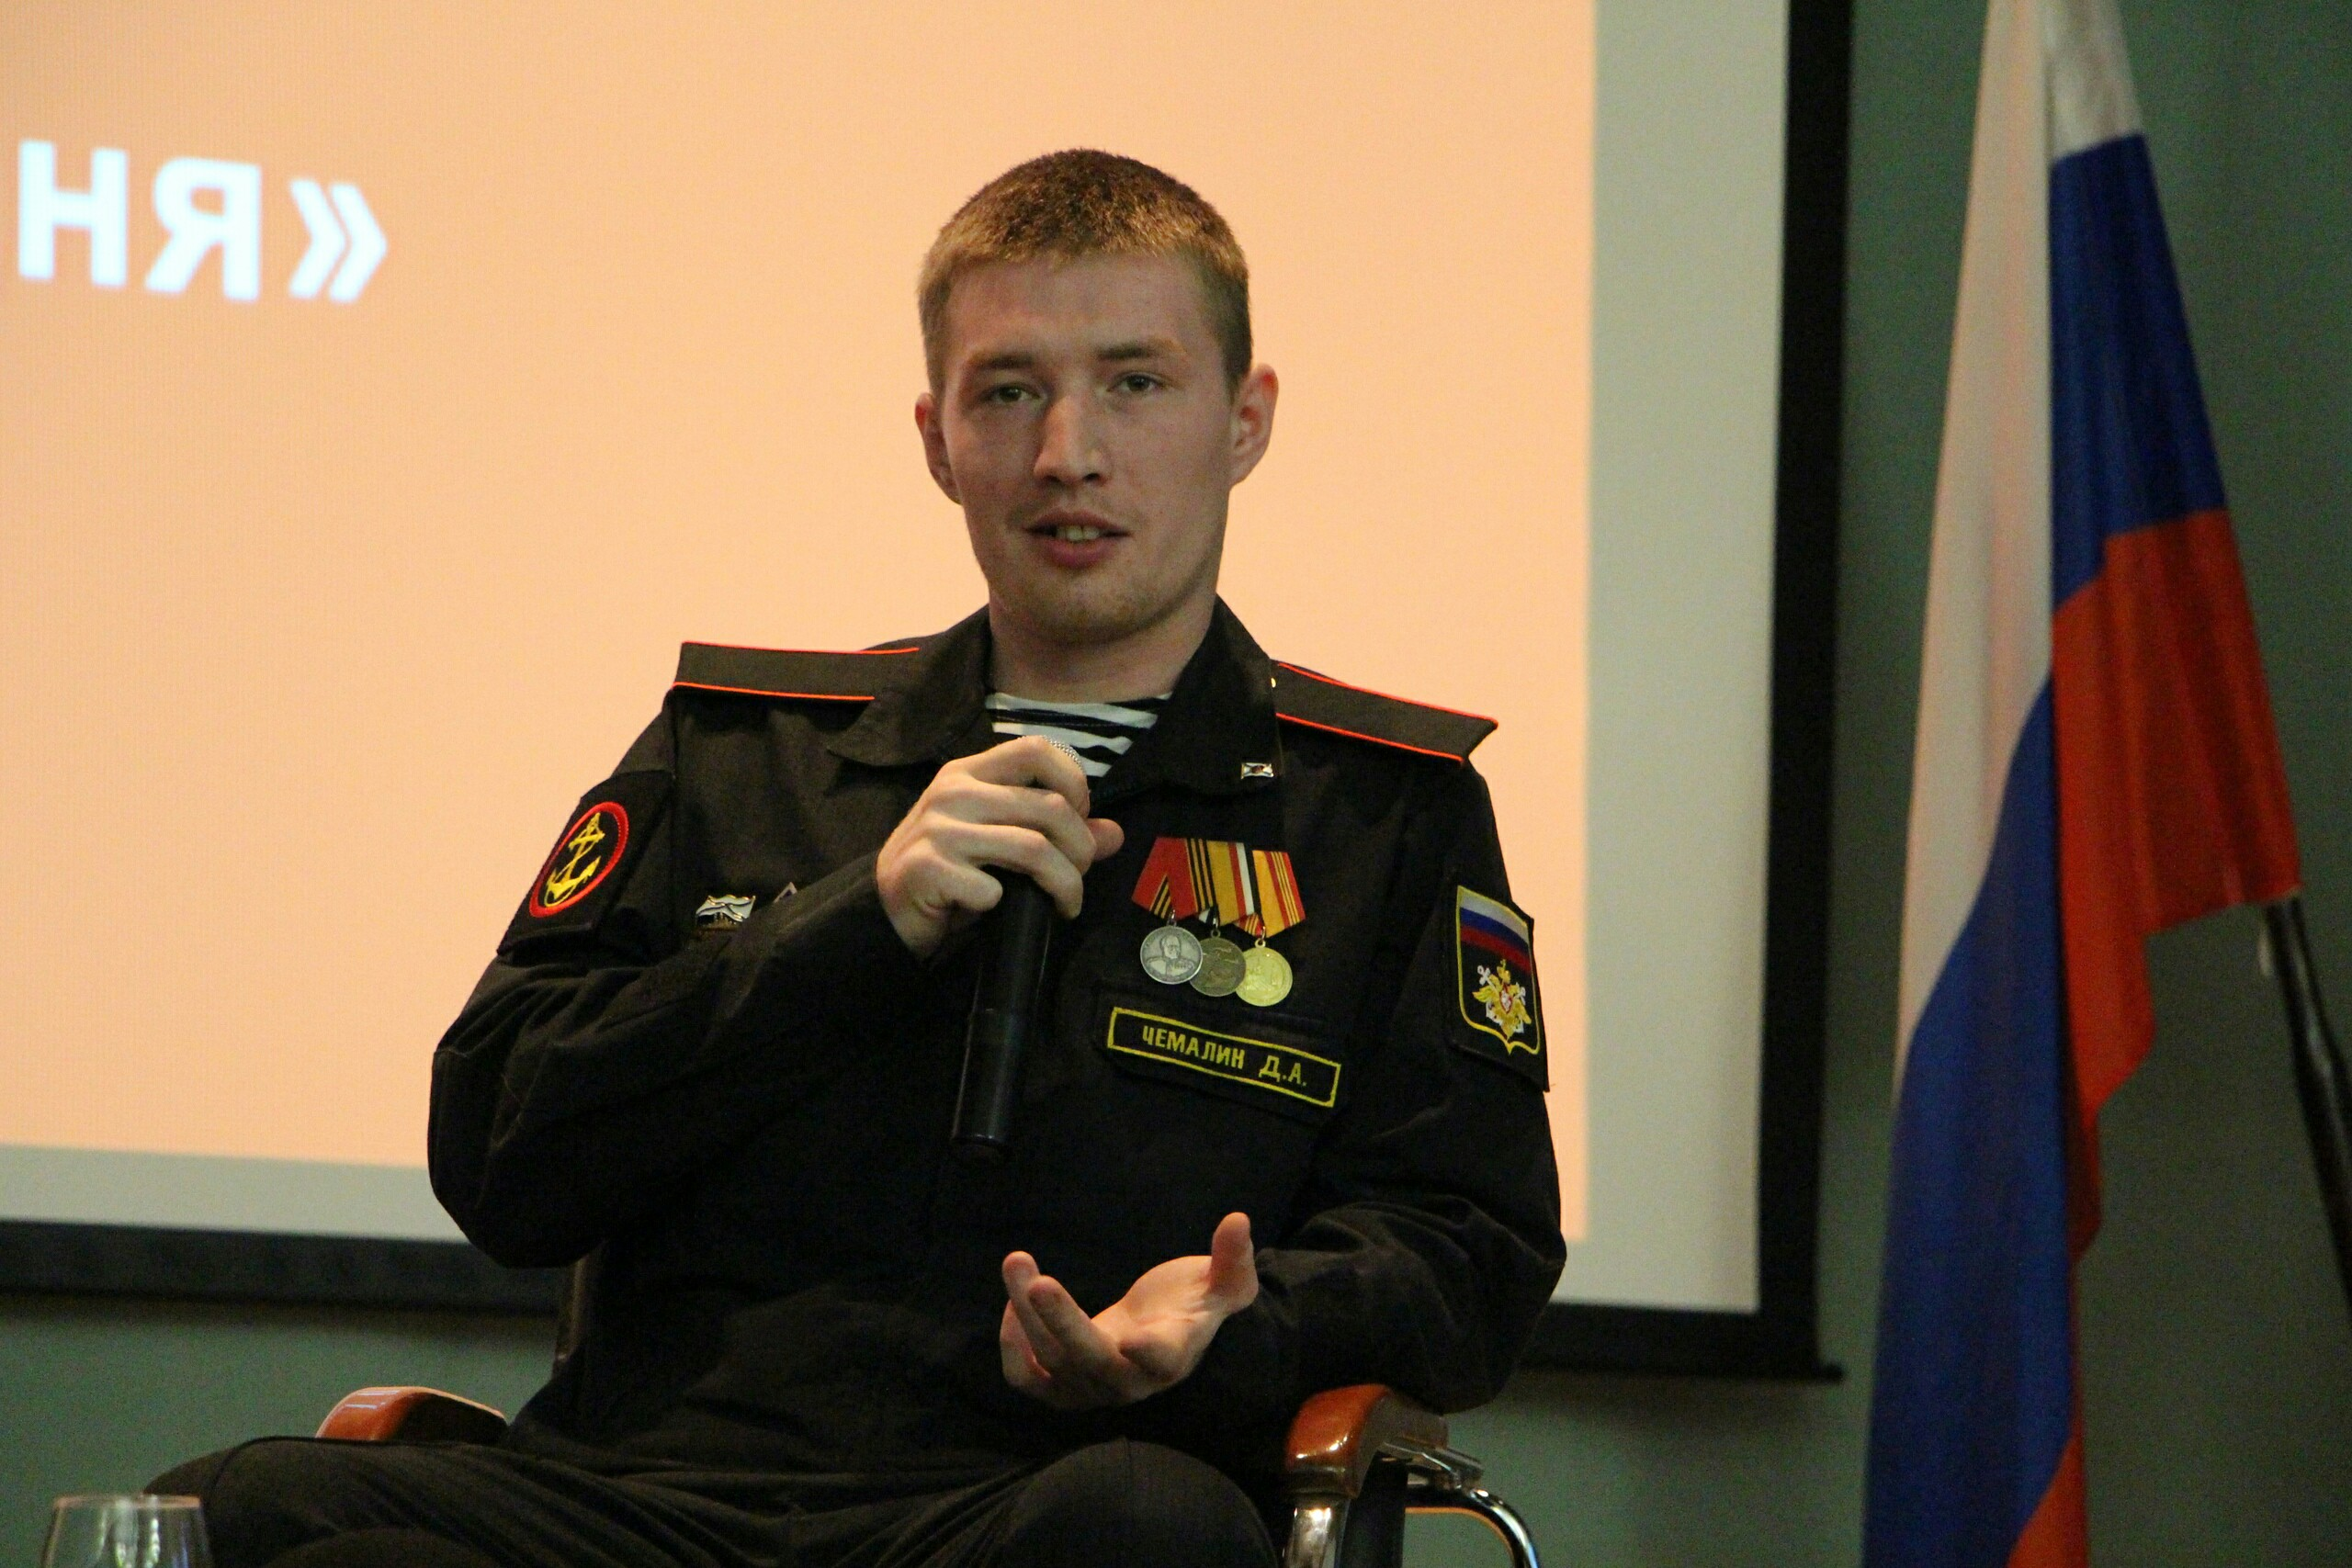 Festligheder på russiske Flådens Dag